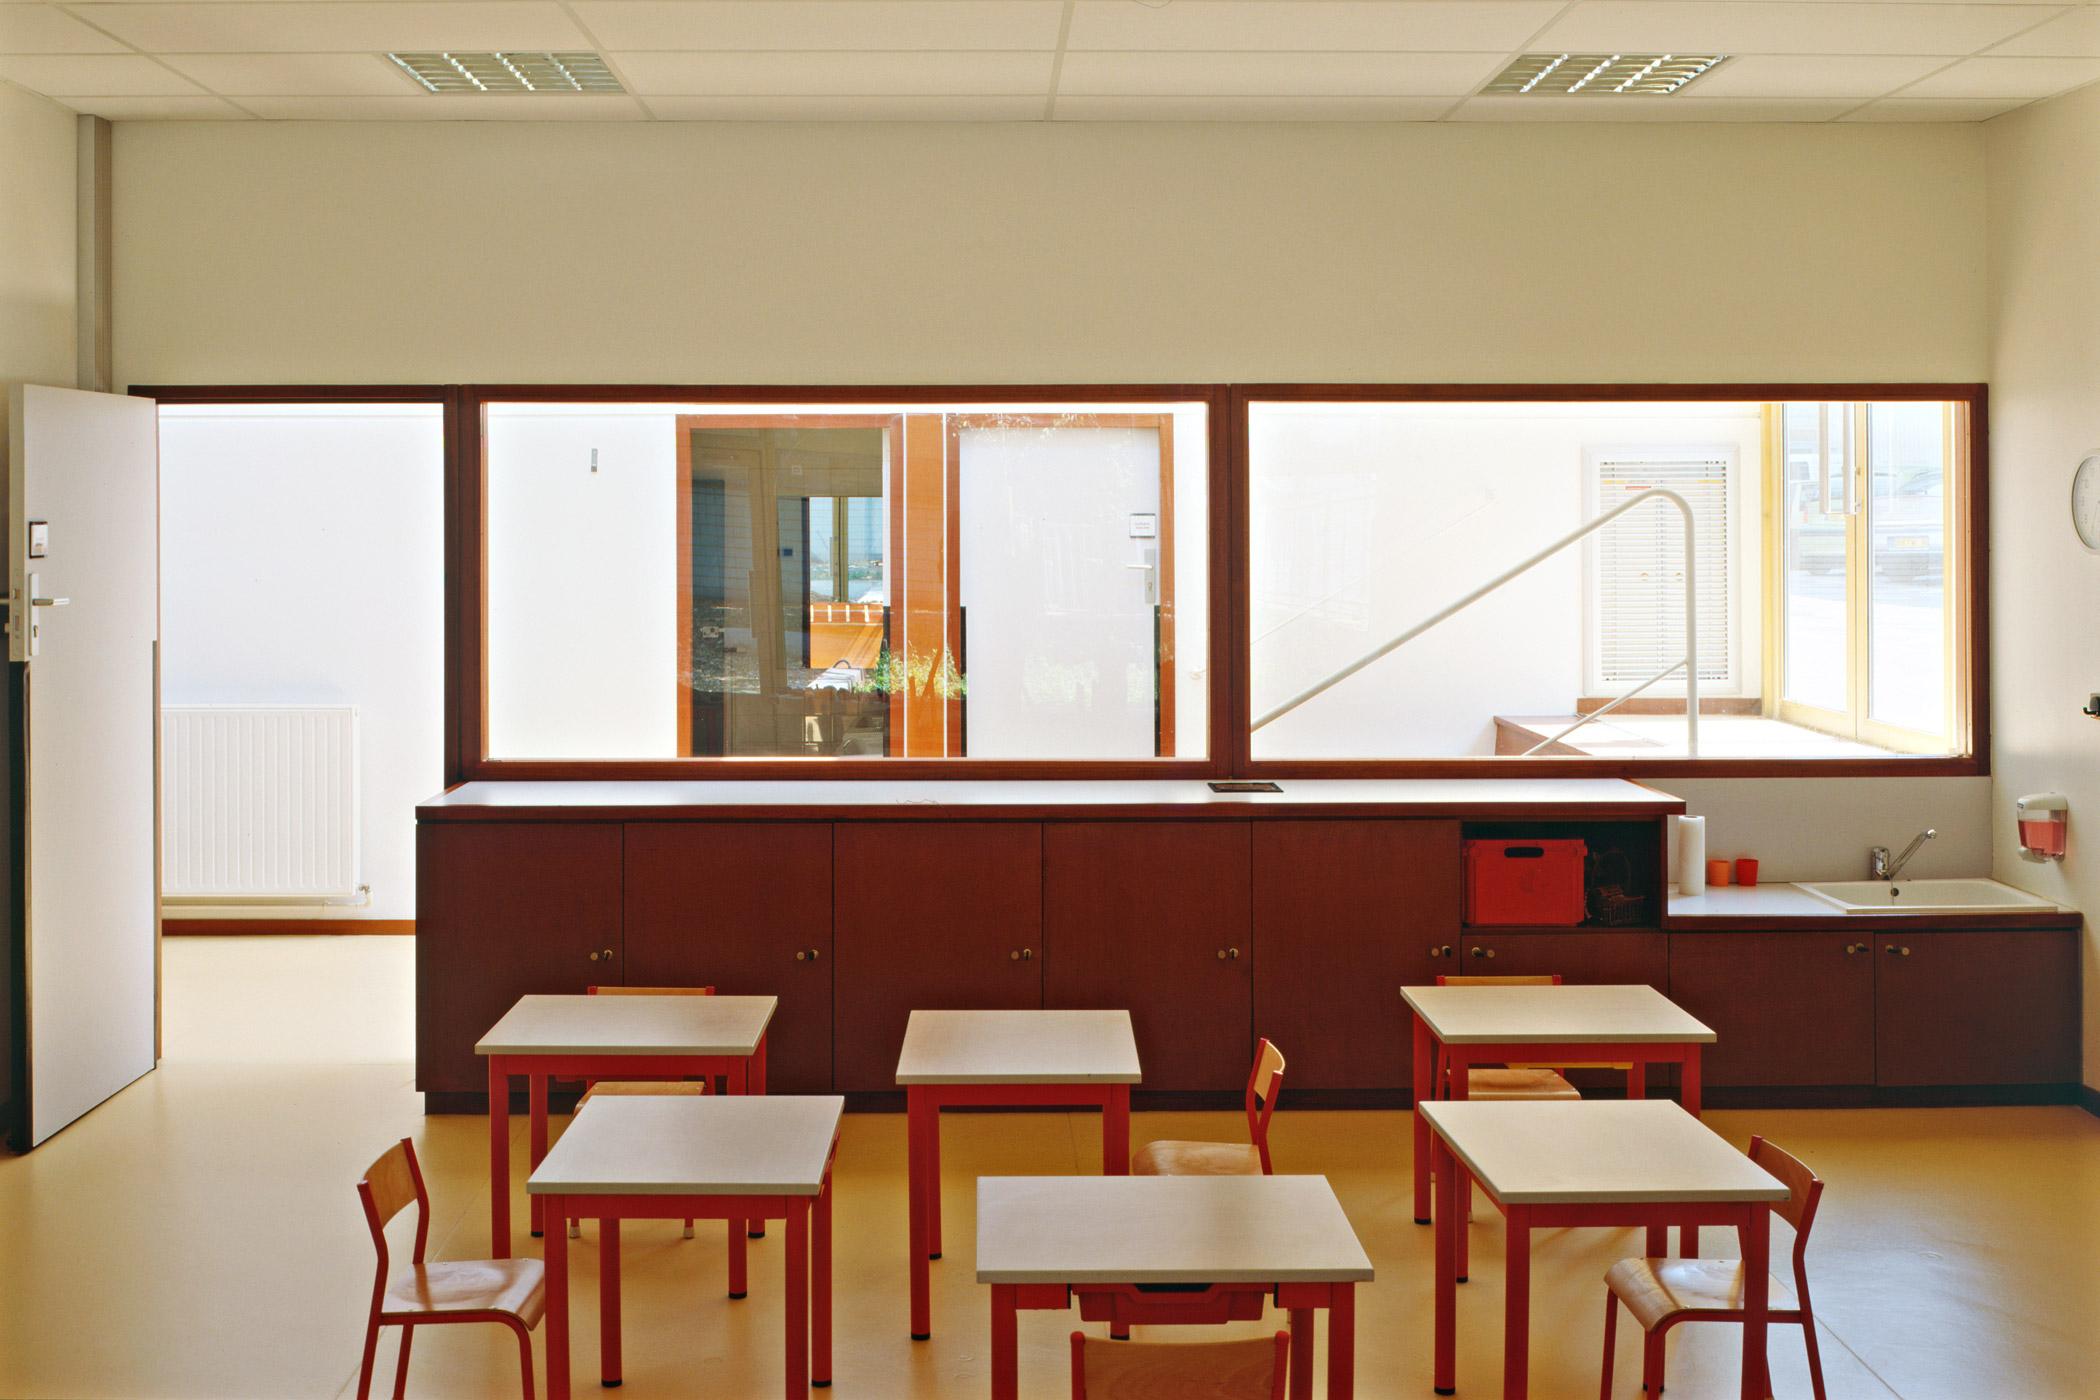 Ecole Catherine Graindor - salle de classe